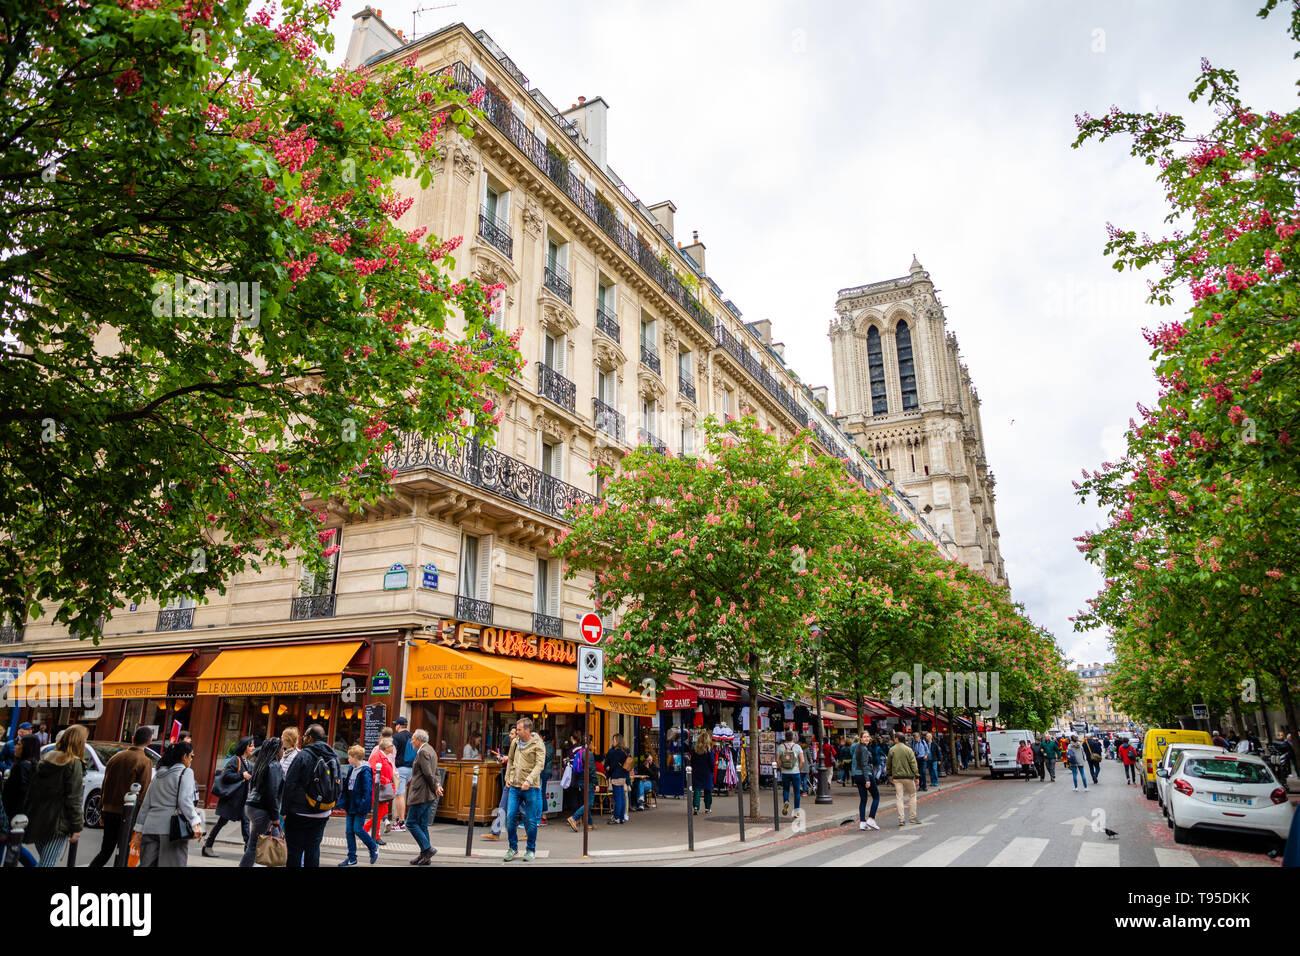 Paris, France - 24.04.2019: Old street Rue d'Arcole with view of Notre Dame de Paris after fire, France - Stock Image